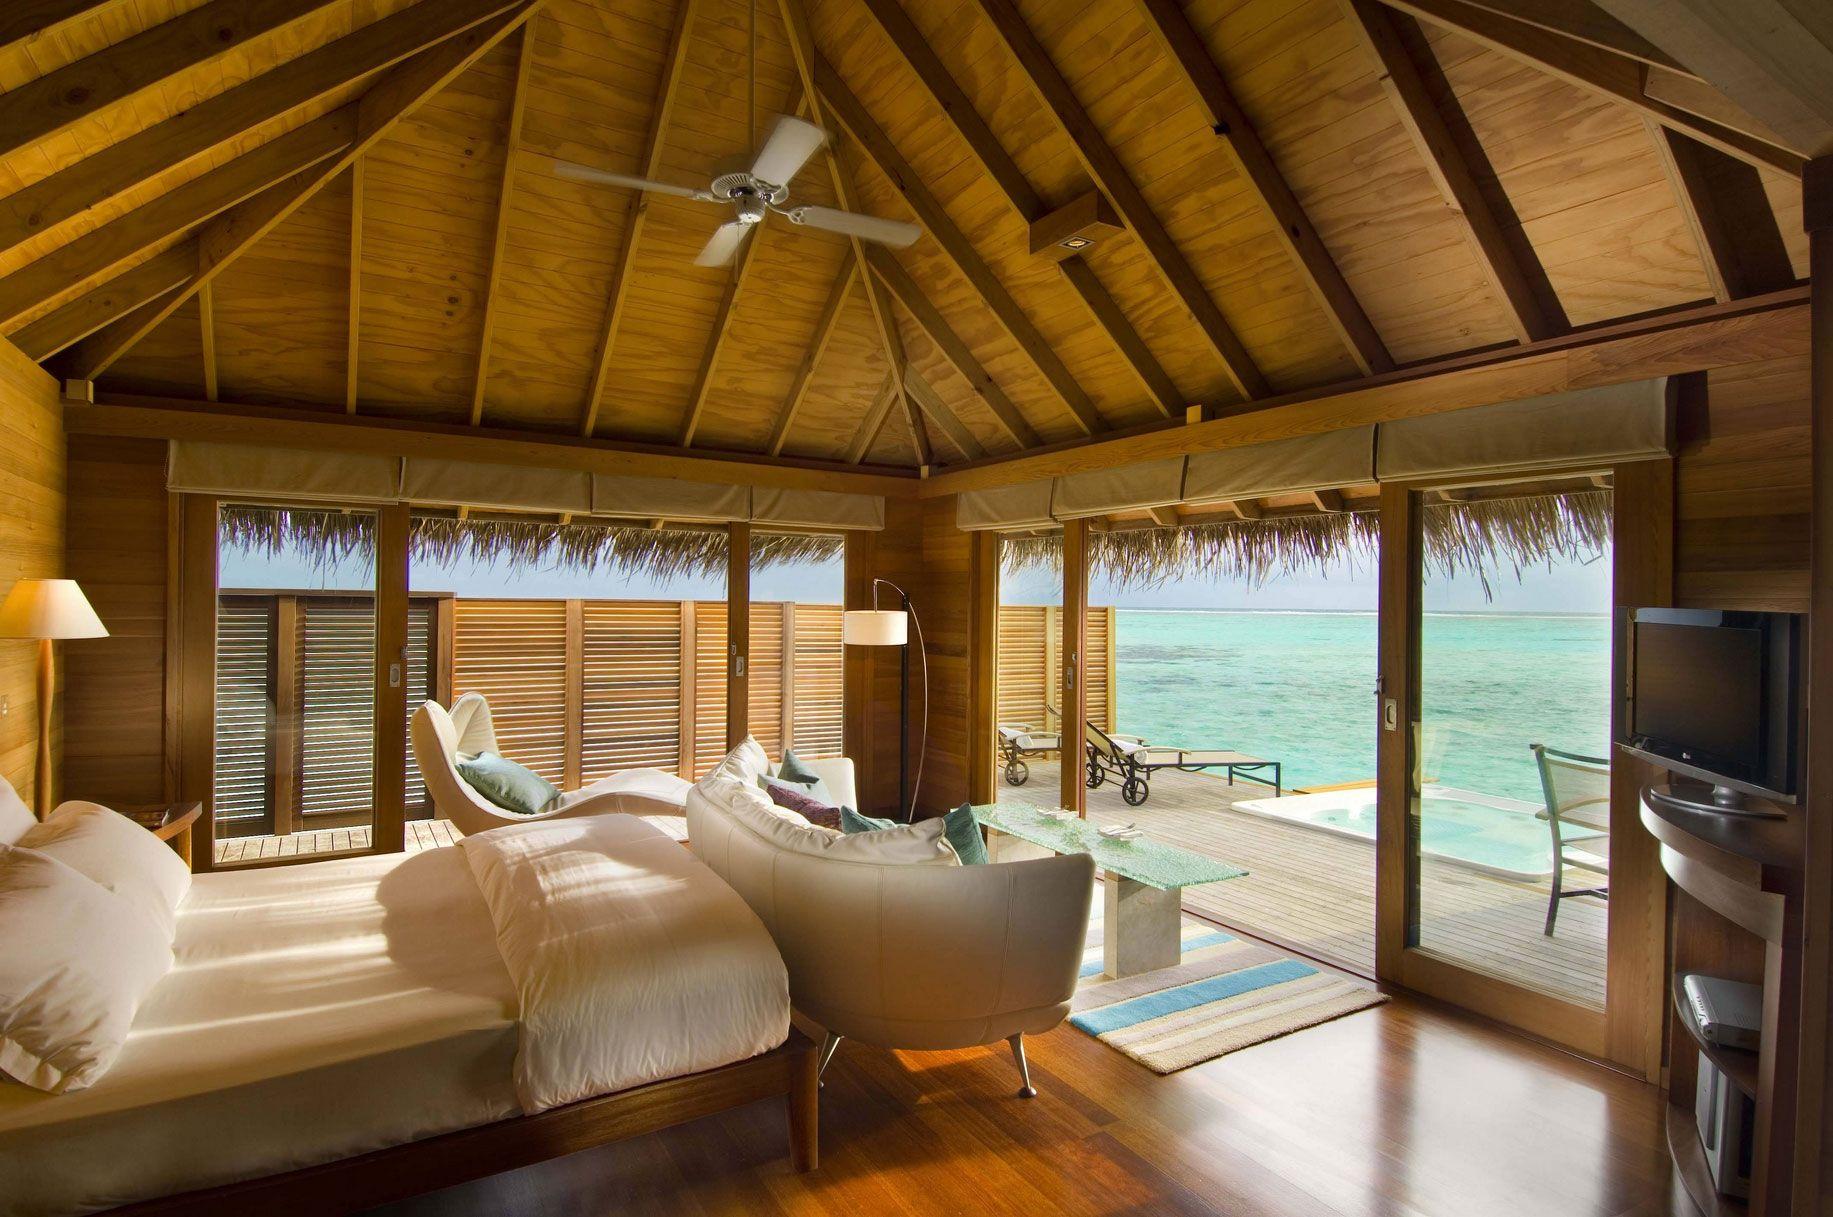 The 5 star conrad rangali island maldives resort for Hotel conrad maldives ubicacion